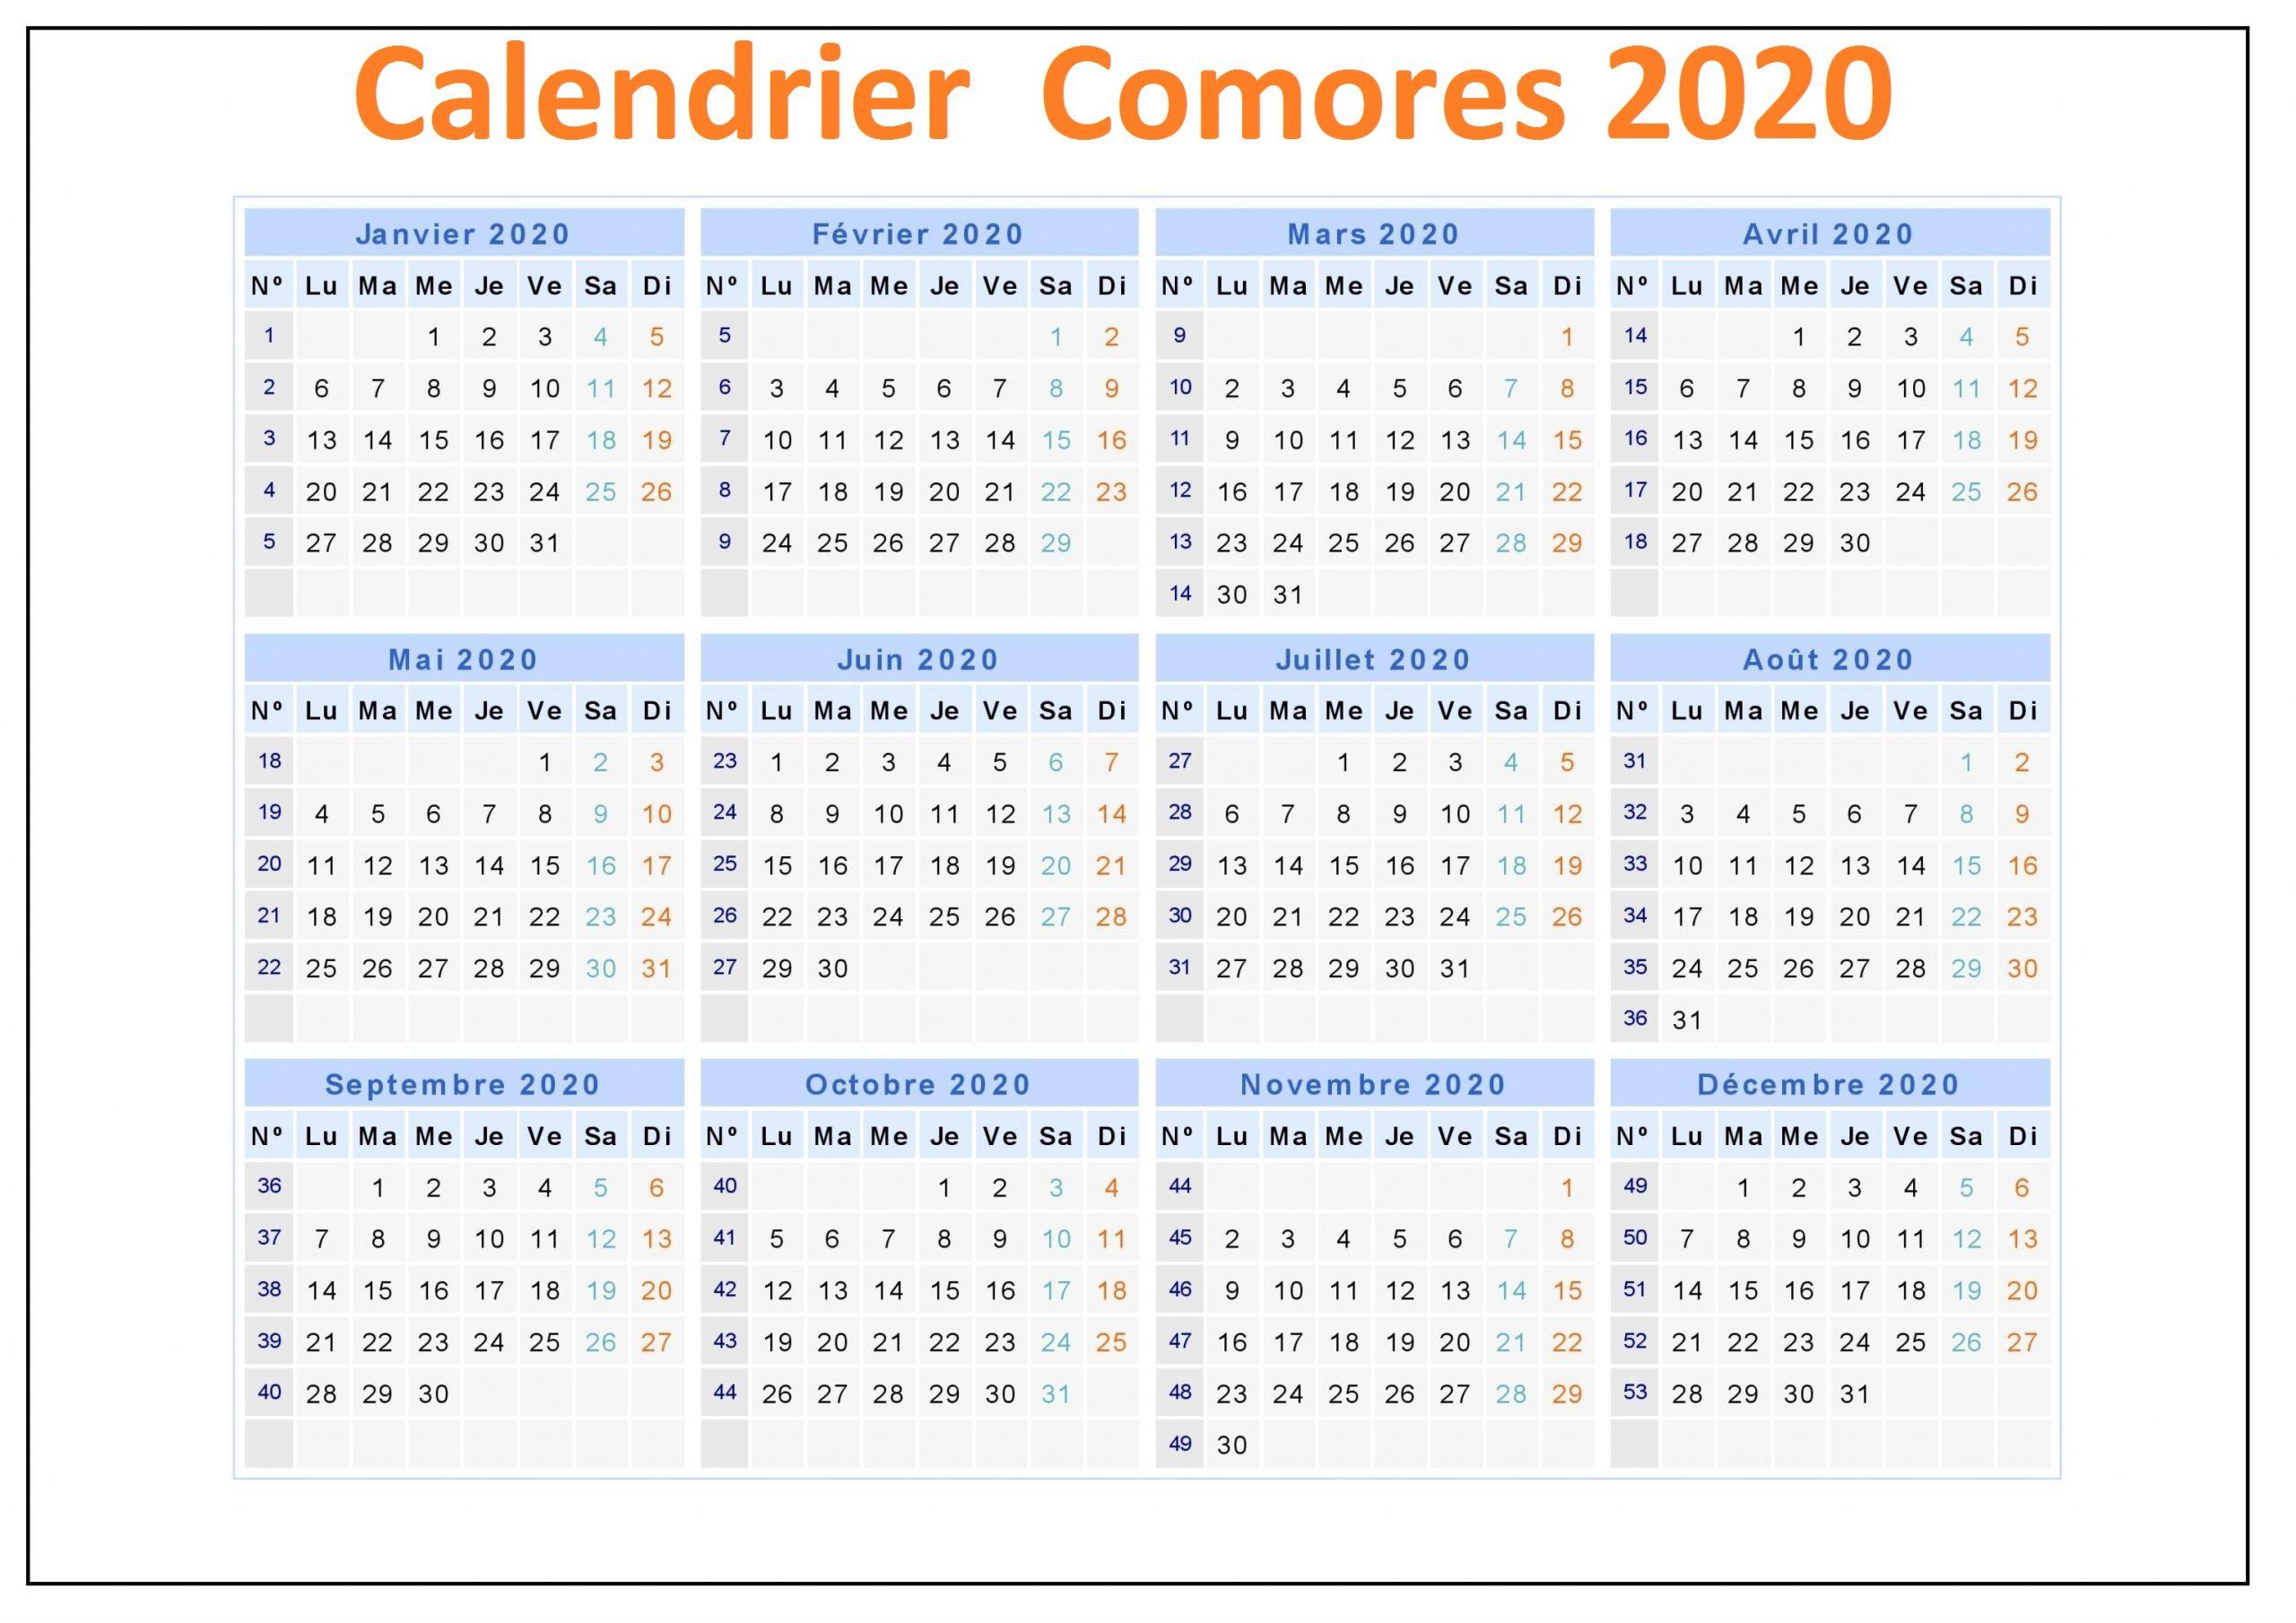 Calendrier Ramadan Comores 2020